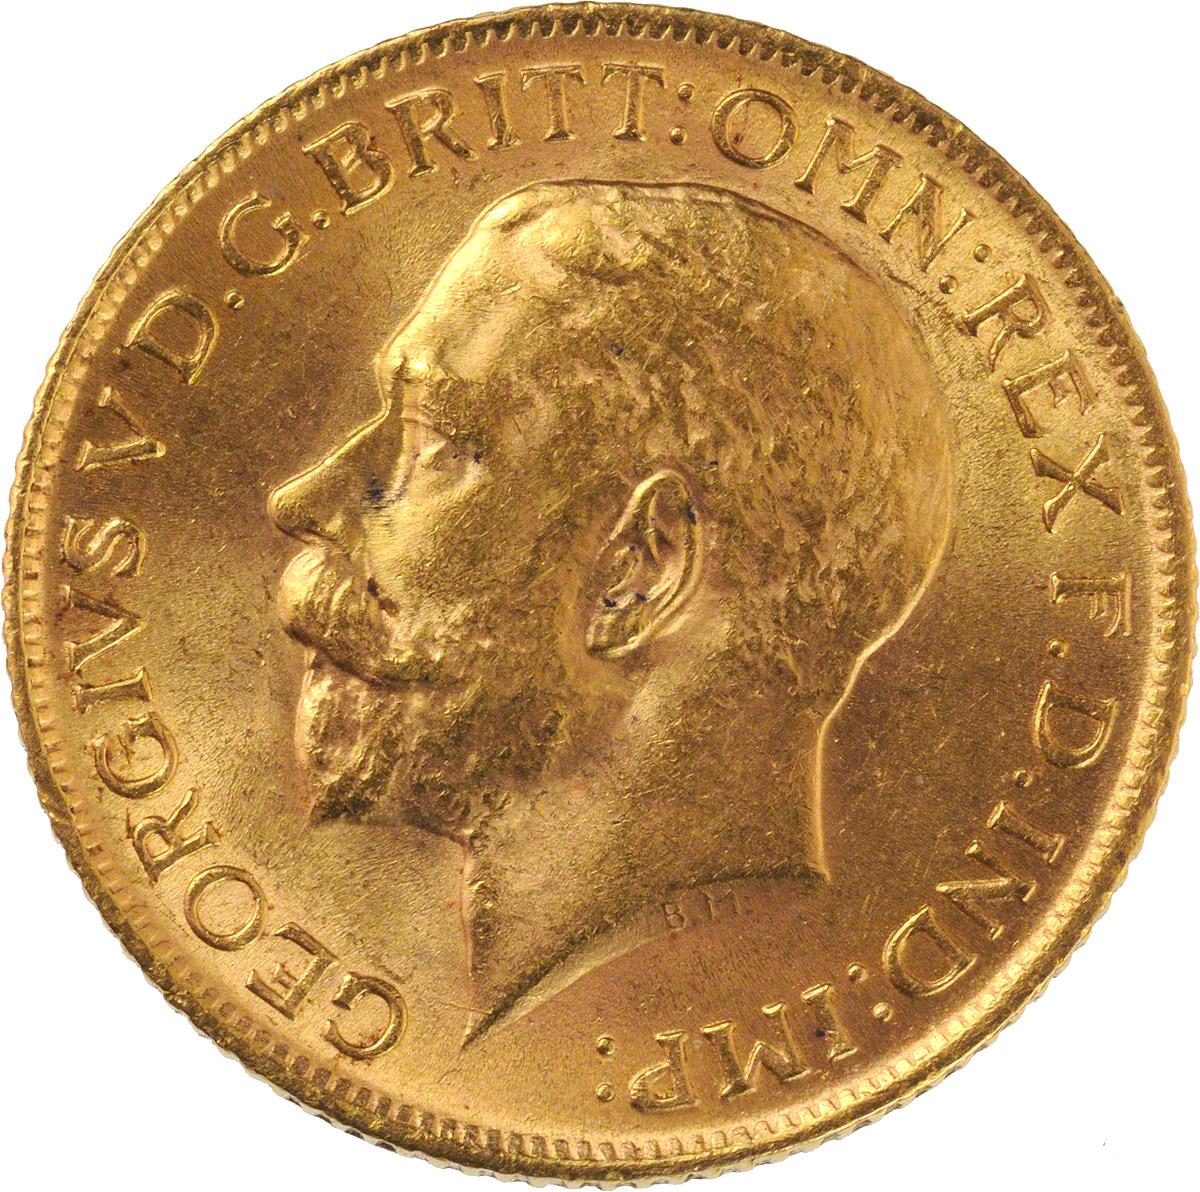 1913 Γεώργιος Ε' (Νομισματοκοπείο Οττάβα, Καναδάς)